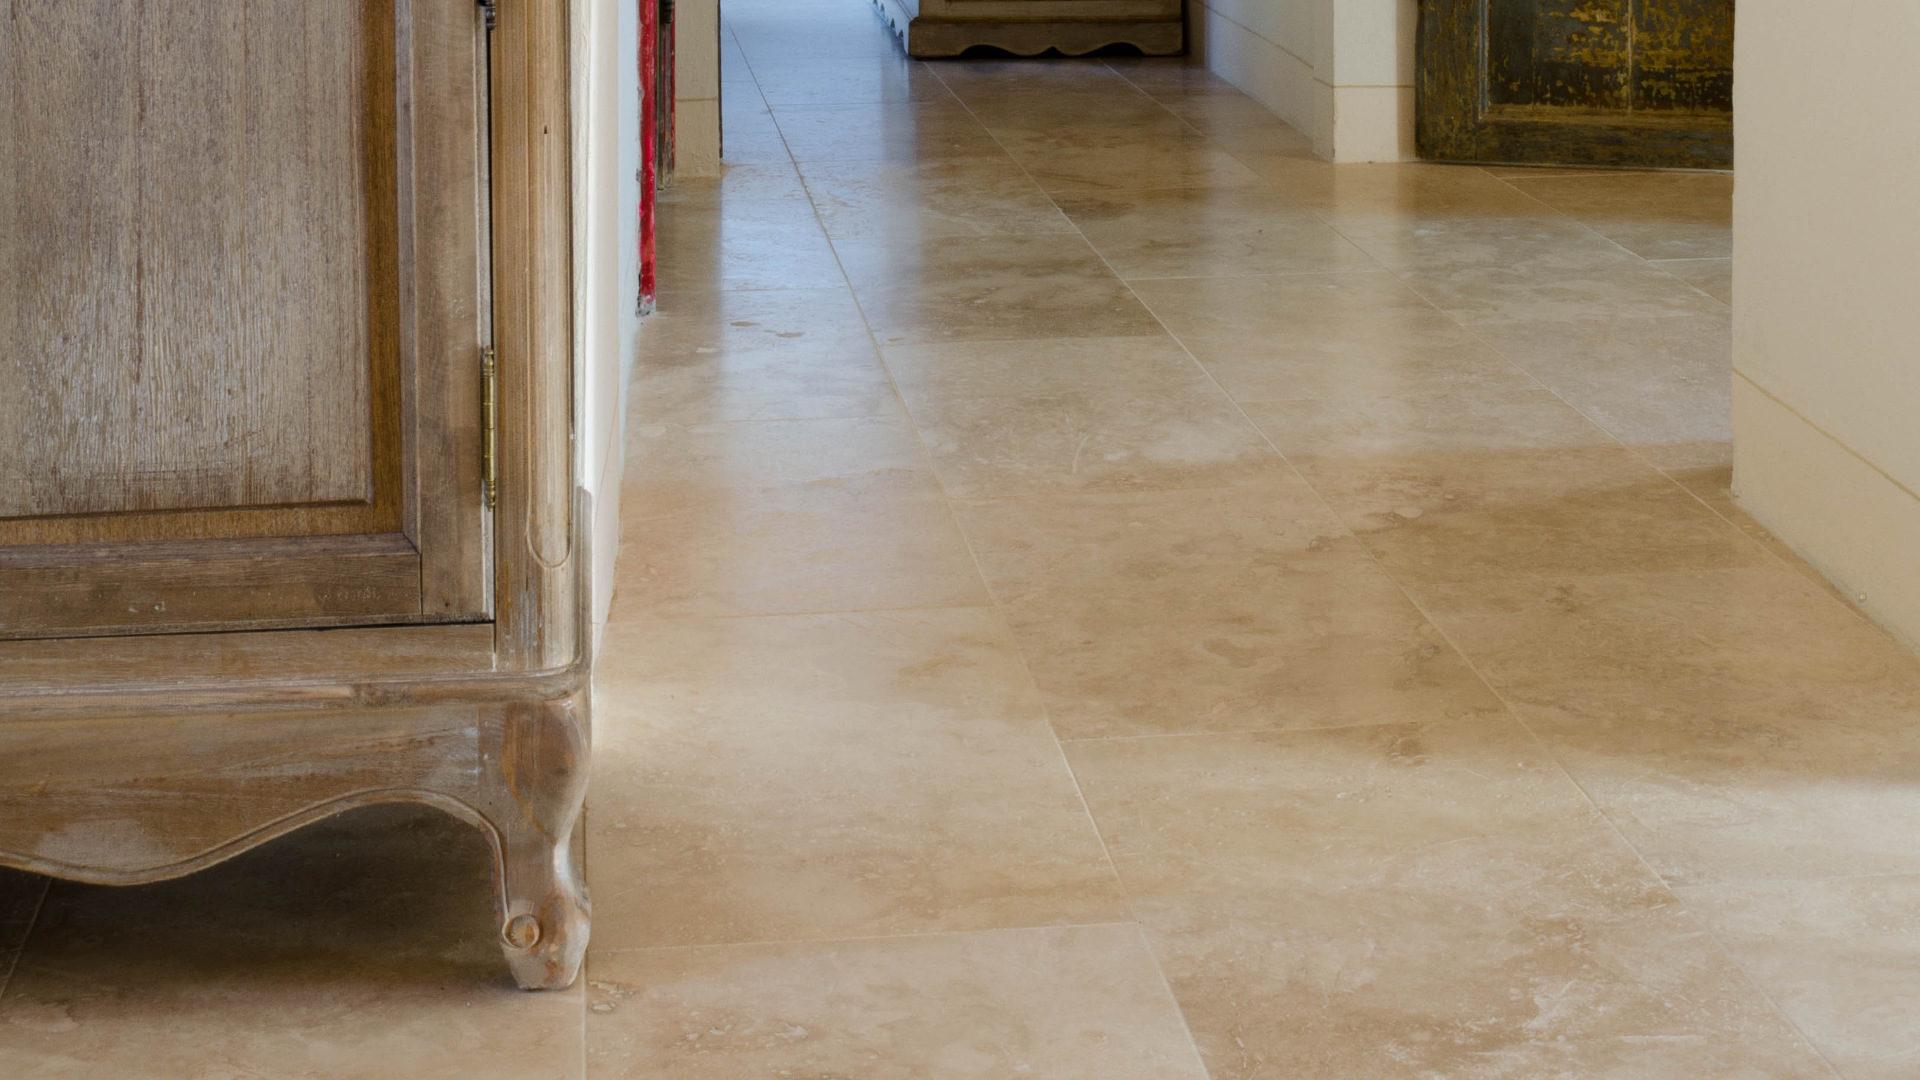 Idee Per Pavimenti Taverna pavimenti in travertino per interni: soggiorno - pietre di